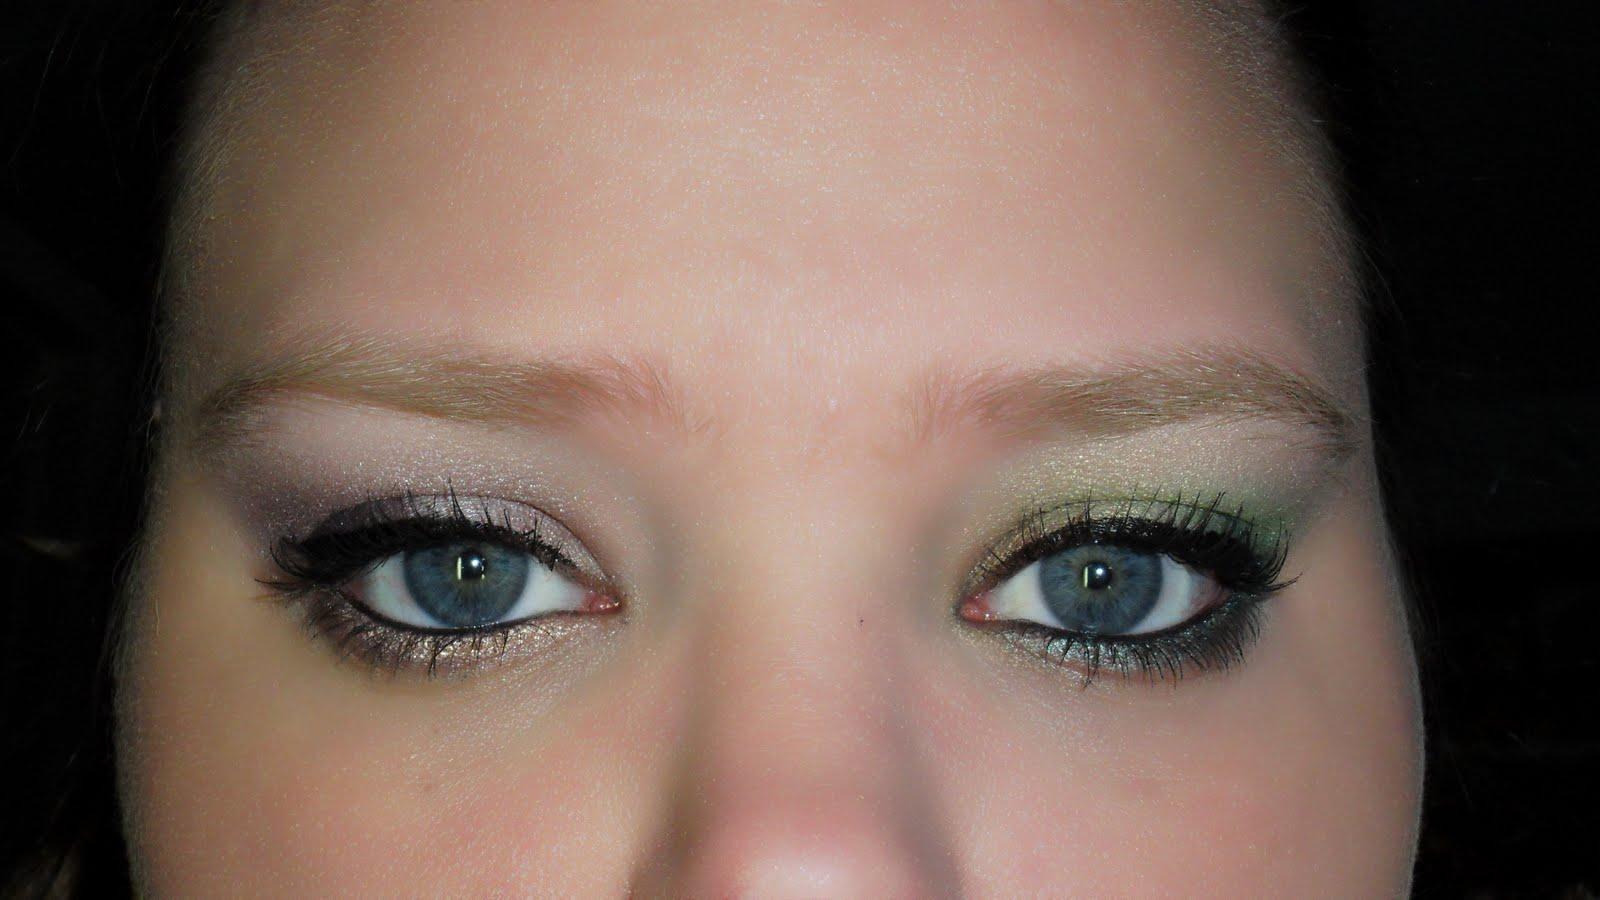 Kat Von D palette makeup #2 sea foamish